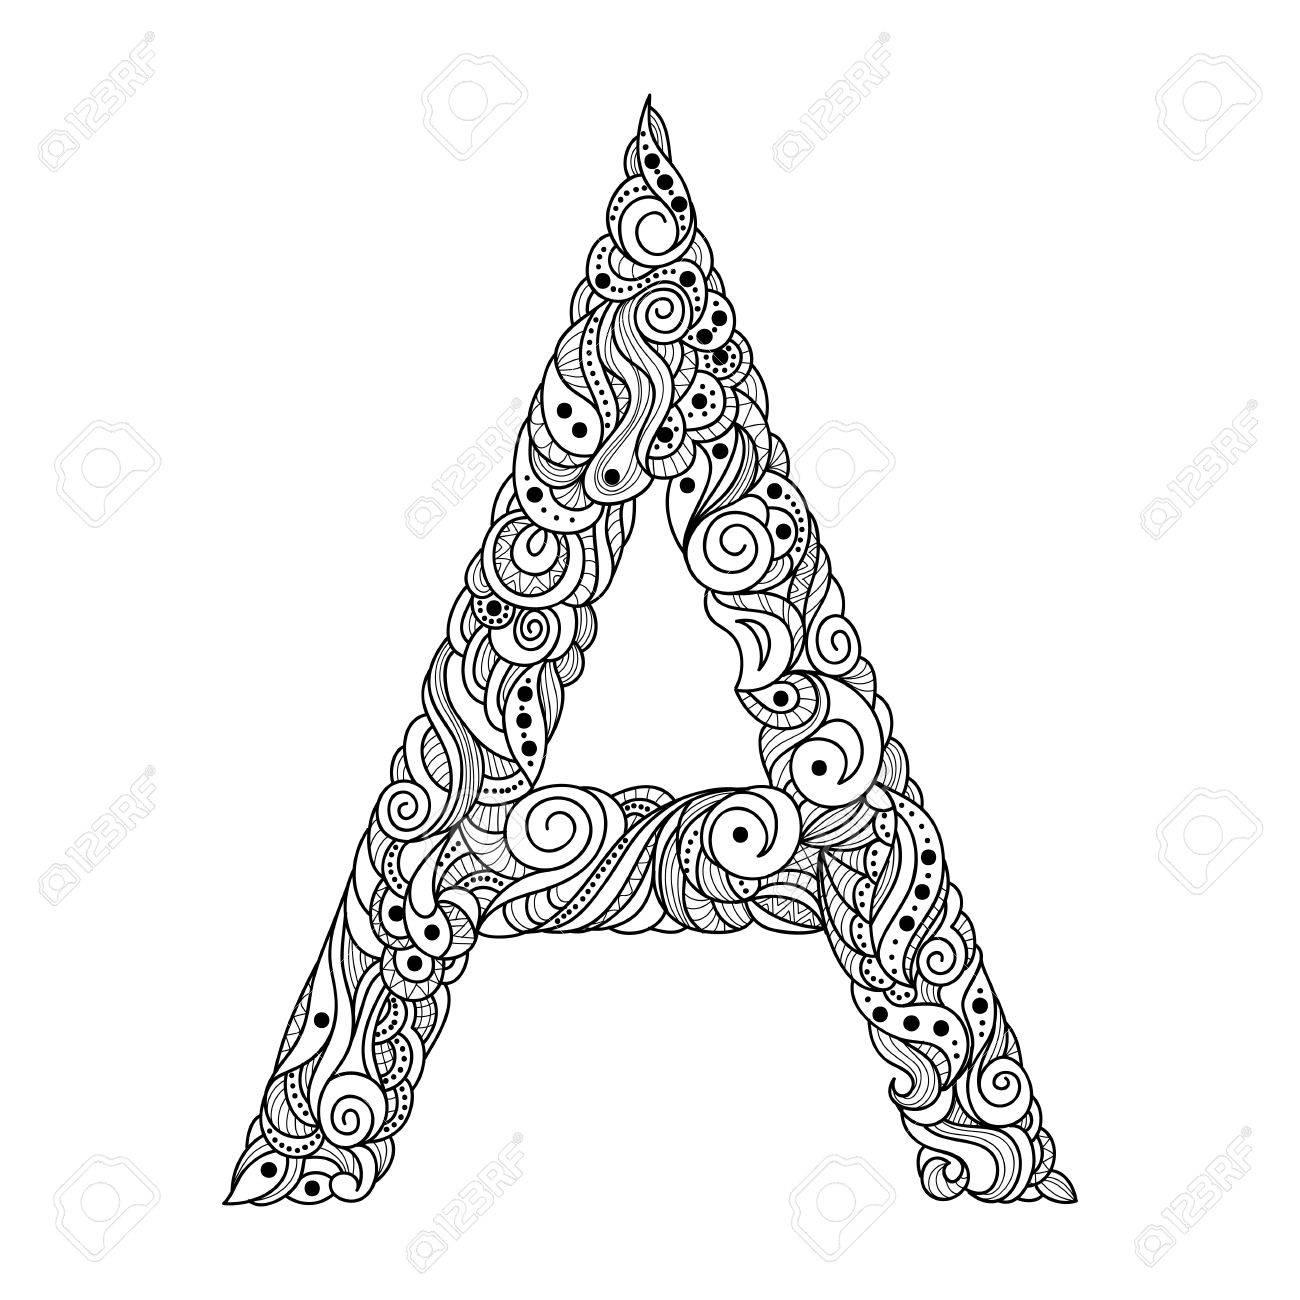 Decorative Letter A.Letter A Decorative Alphabet With A Paisley Zen Doodle Tattoo